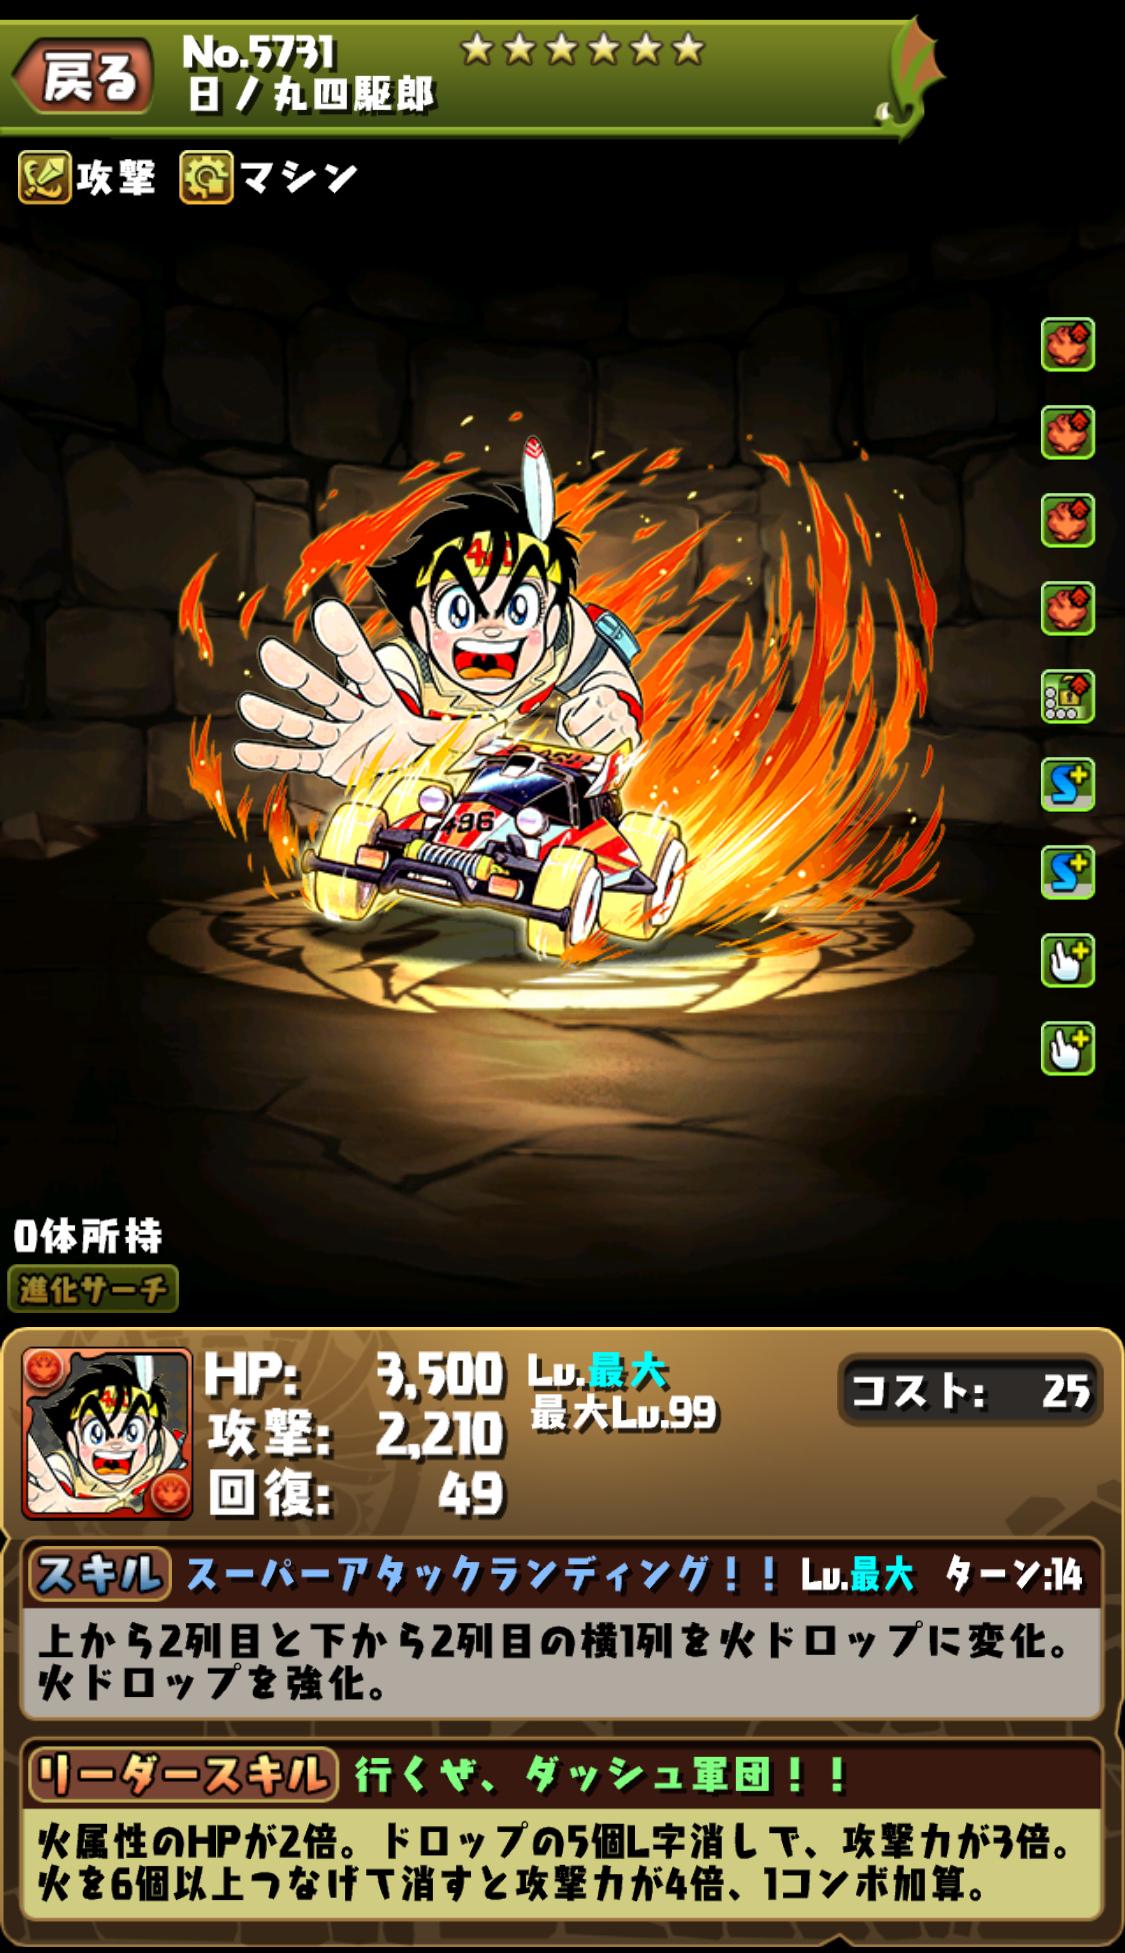 日ノ丸四駆郎